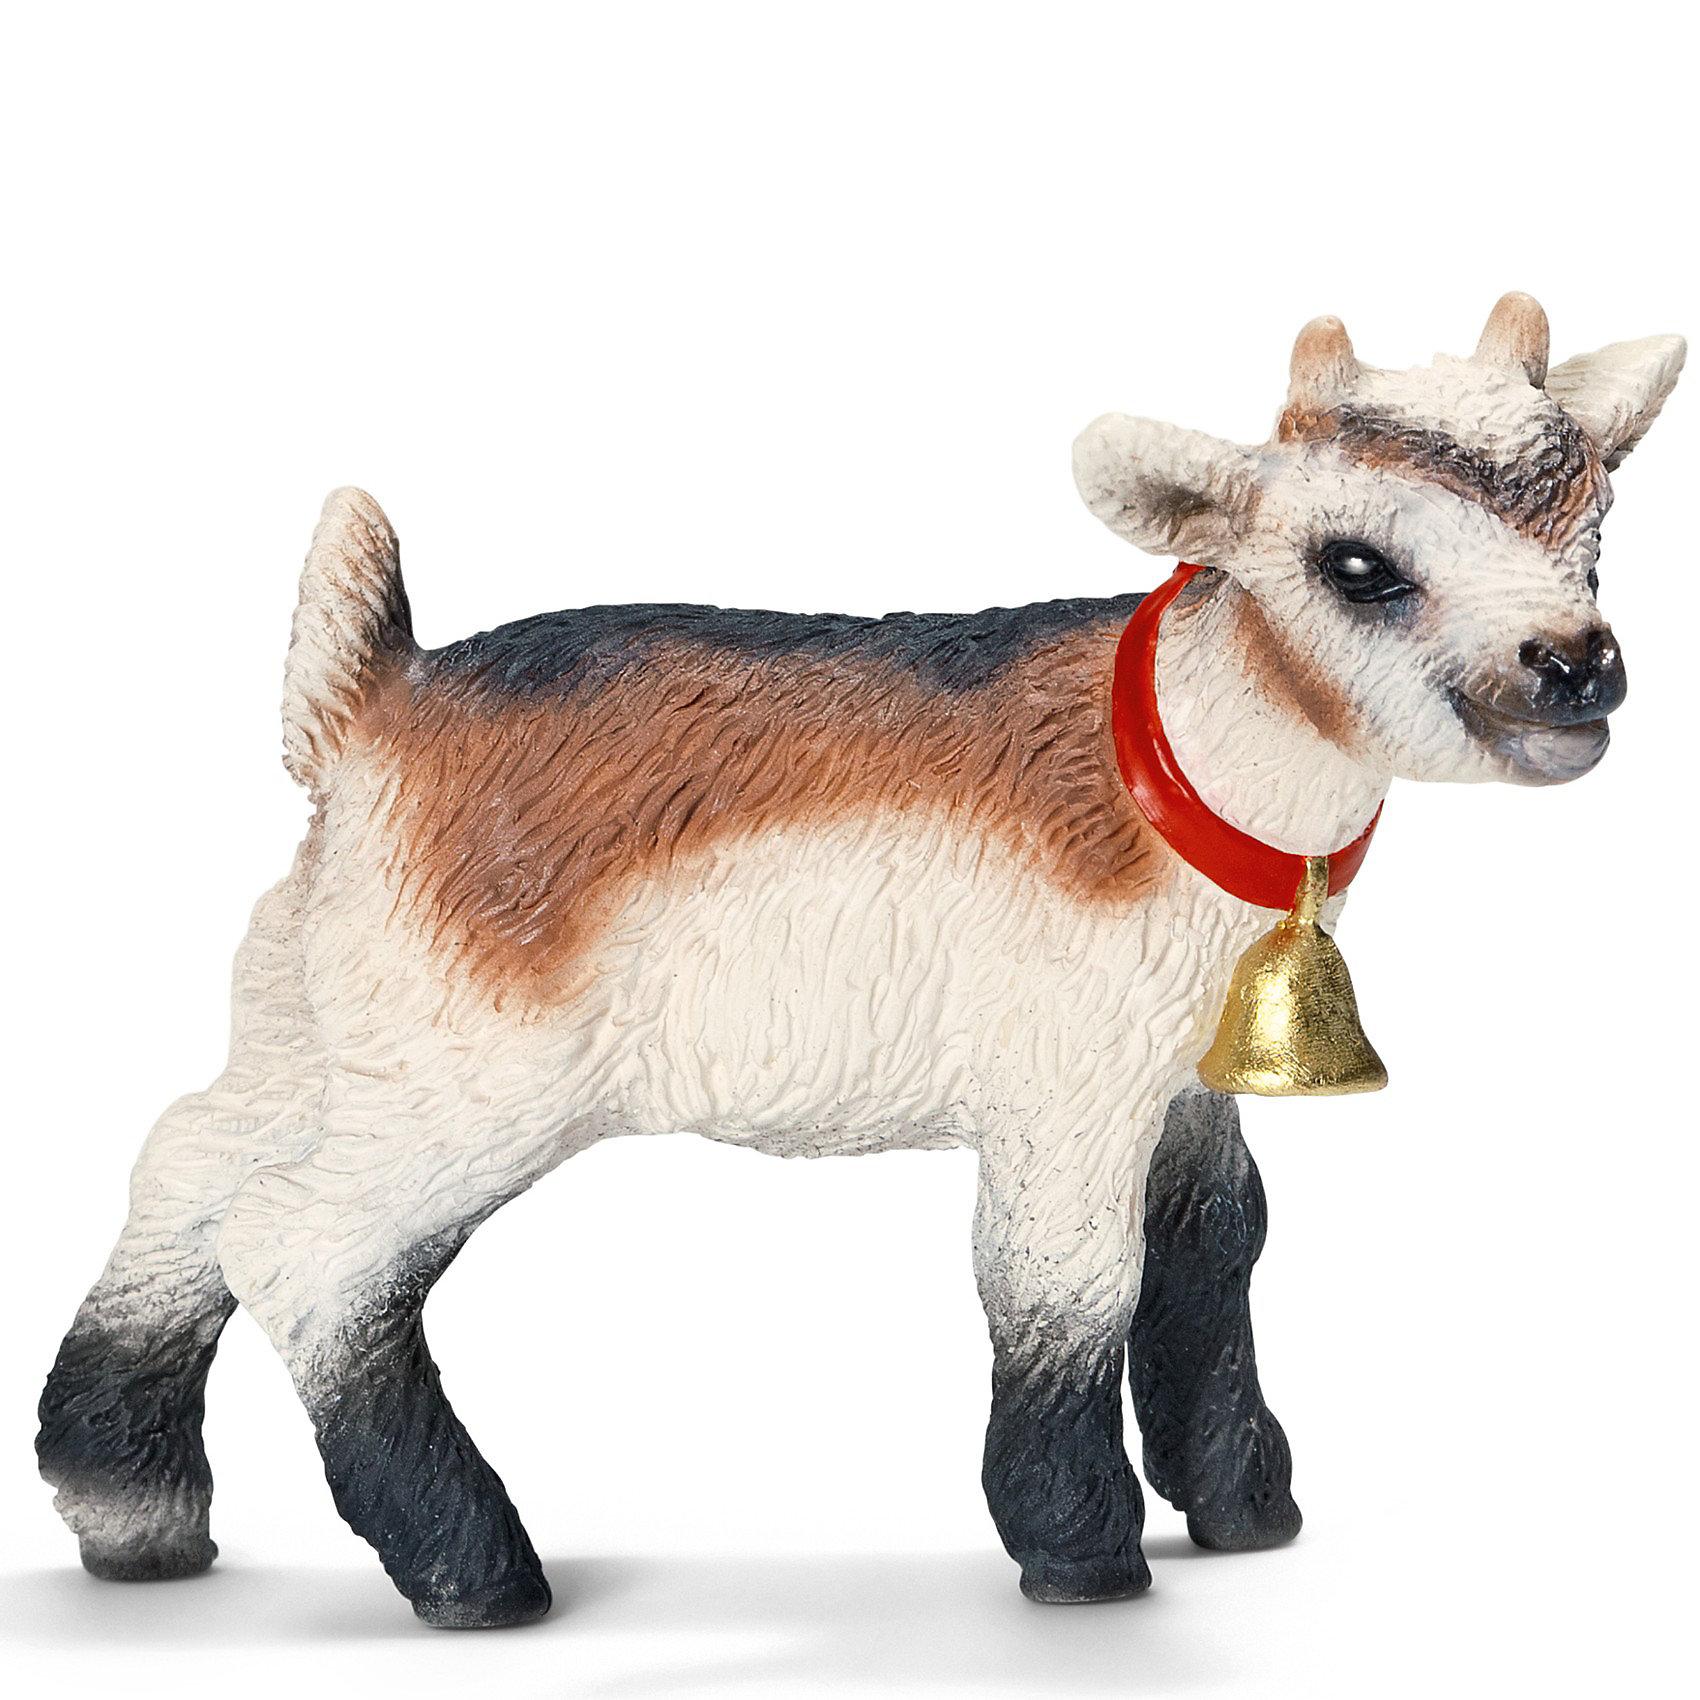 Домашняя коза, детеныш. Серия ФермаДомашние козы – одни из первых домашних животных, которых когда-либо держали на своих фермах люди.<br><br>Считается, что козы были одомашнены на Ближнем Востоке в 11 веке до н.э. Домашняя коза – самое простое в содержании животное, она обеспечивает мясом и молоком всю ферму. Благодаря своим прекрасным «альпинистским» навыкам, эти животные замечательно живут в горных районах. <br><br>Фигурка Домашняя коза, детеныш Schleich (Шляйх) из серии Животные фермы выполнена из каучукового пластика, каждая фигурка раскрашивается вручную.<br><br>Дополнительная информация:<br><br>- Размеры (ДхШхВ): около 2,5 х 4 х 5 см.<br><br>Ширина мм: 67<br>Глубина мм: 37<br>Высота мм: 7<br>Вес г: 1<br>Возраст от месяцев: 36<br>Возраст до месяцев: 96<br>Пол: Унисекс<br>Возраст: Детский<br>SKU: 2609273